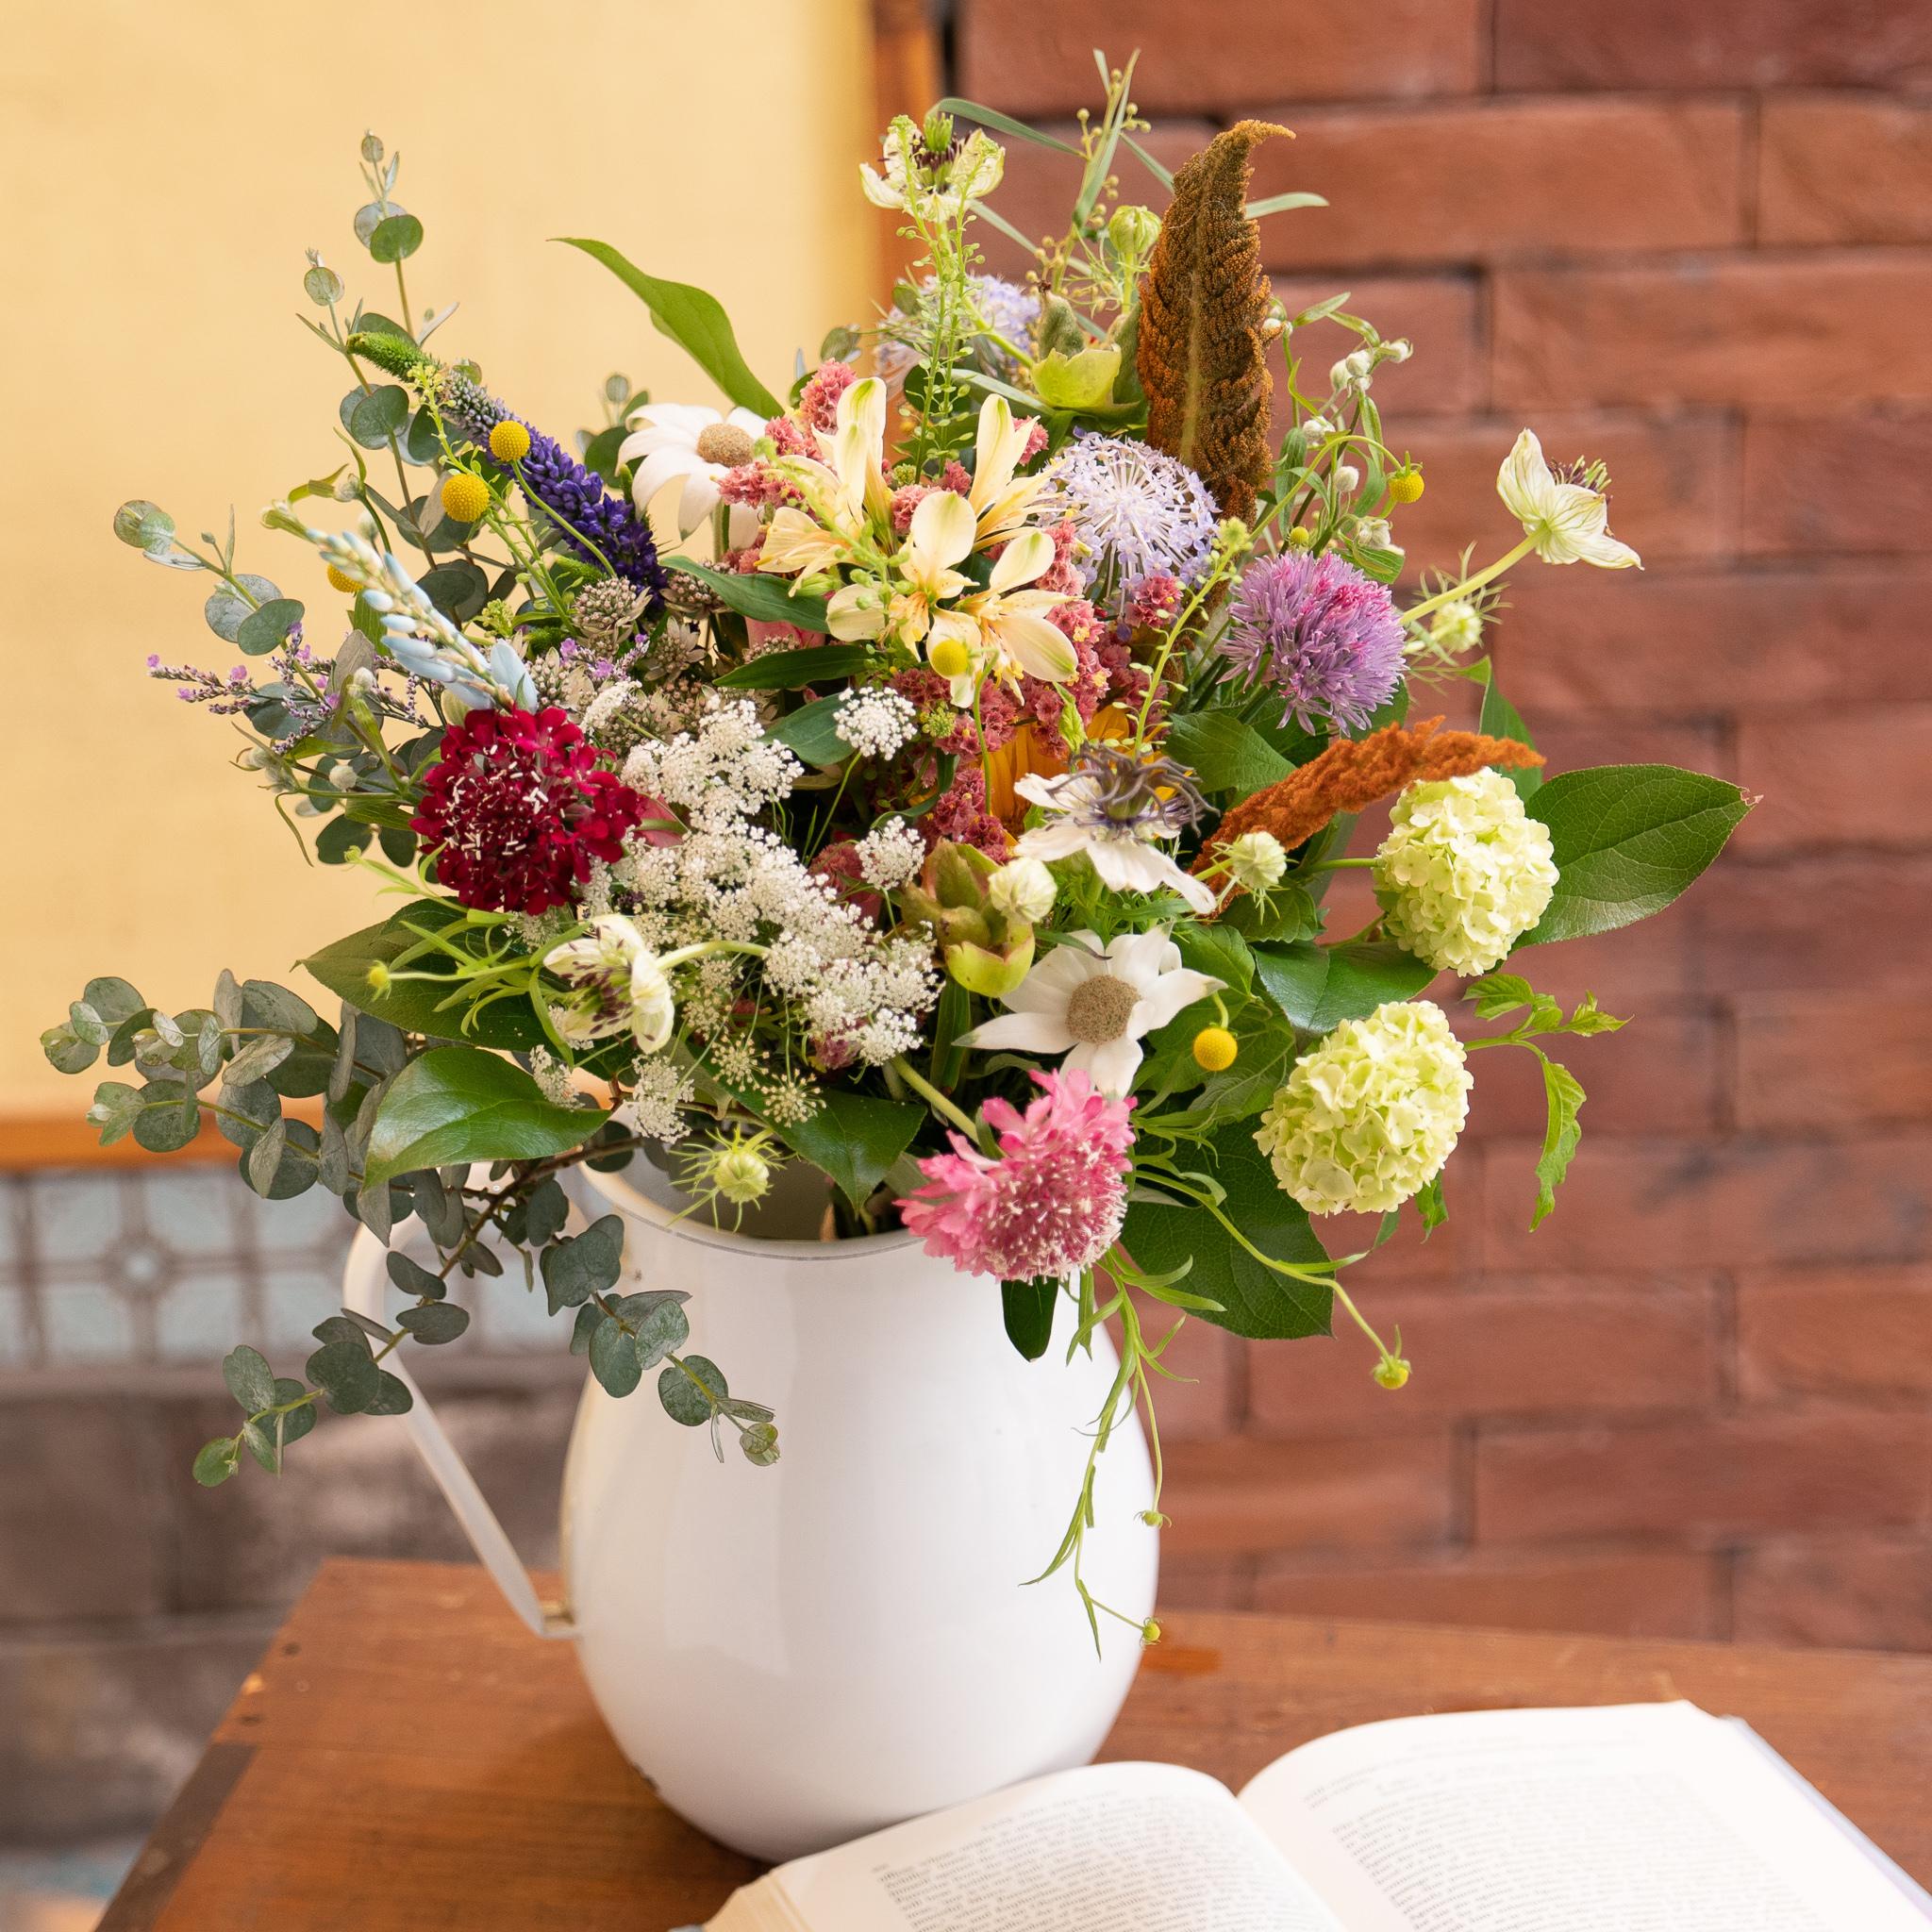 お花がある暮らしをプレゼントしませんか